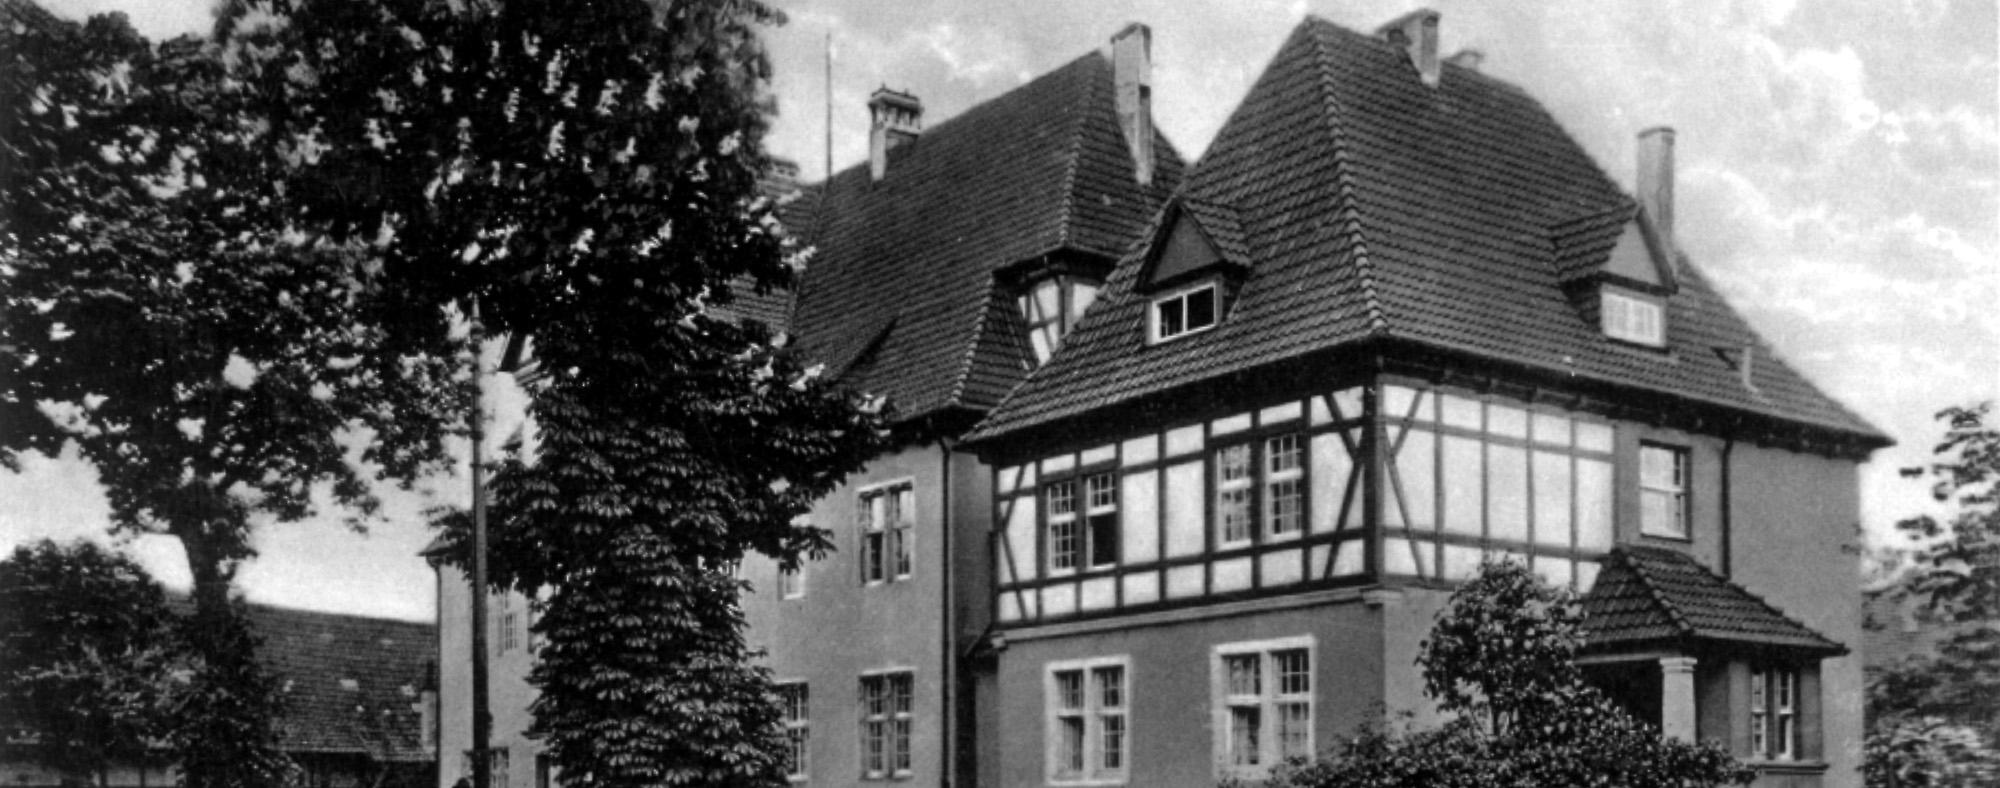 You are currently viewing Schnelltest-Zentrum in Petershagen